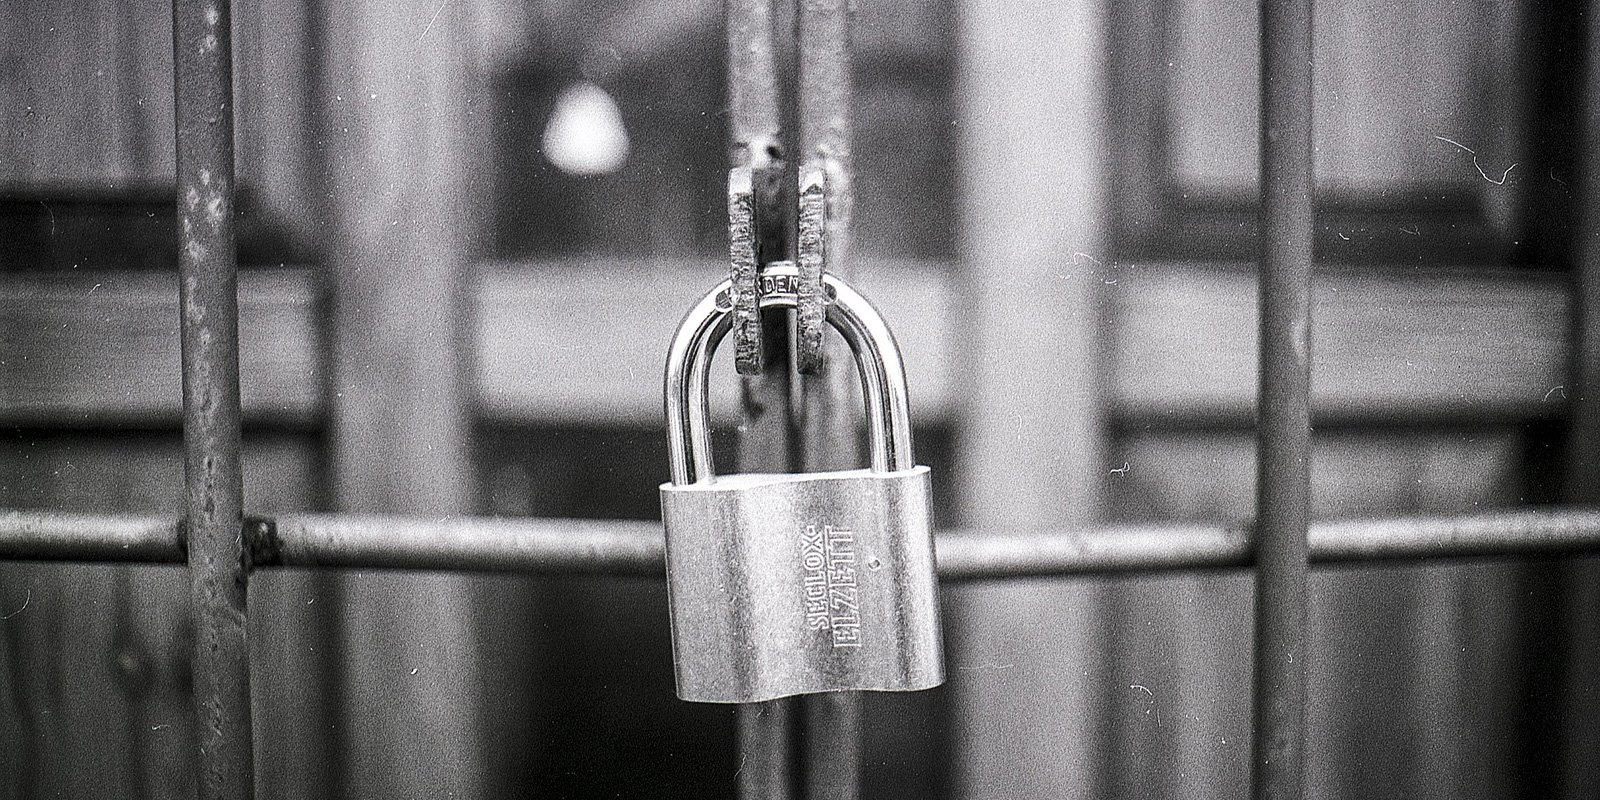 Cerrar con llave